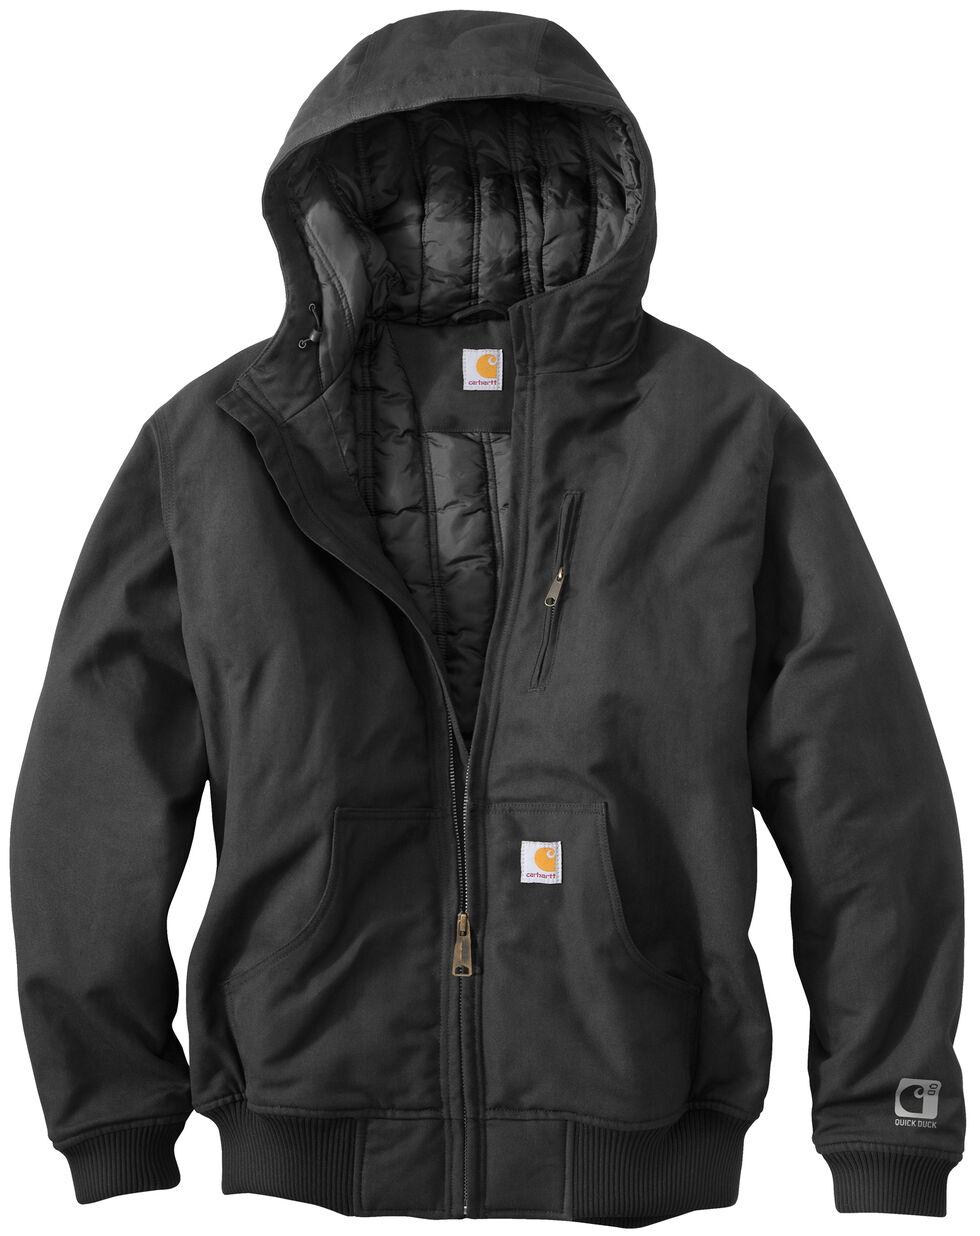 Carhartt Men's Quick Duck Jefferson Active Jacket, Black, hi-res